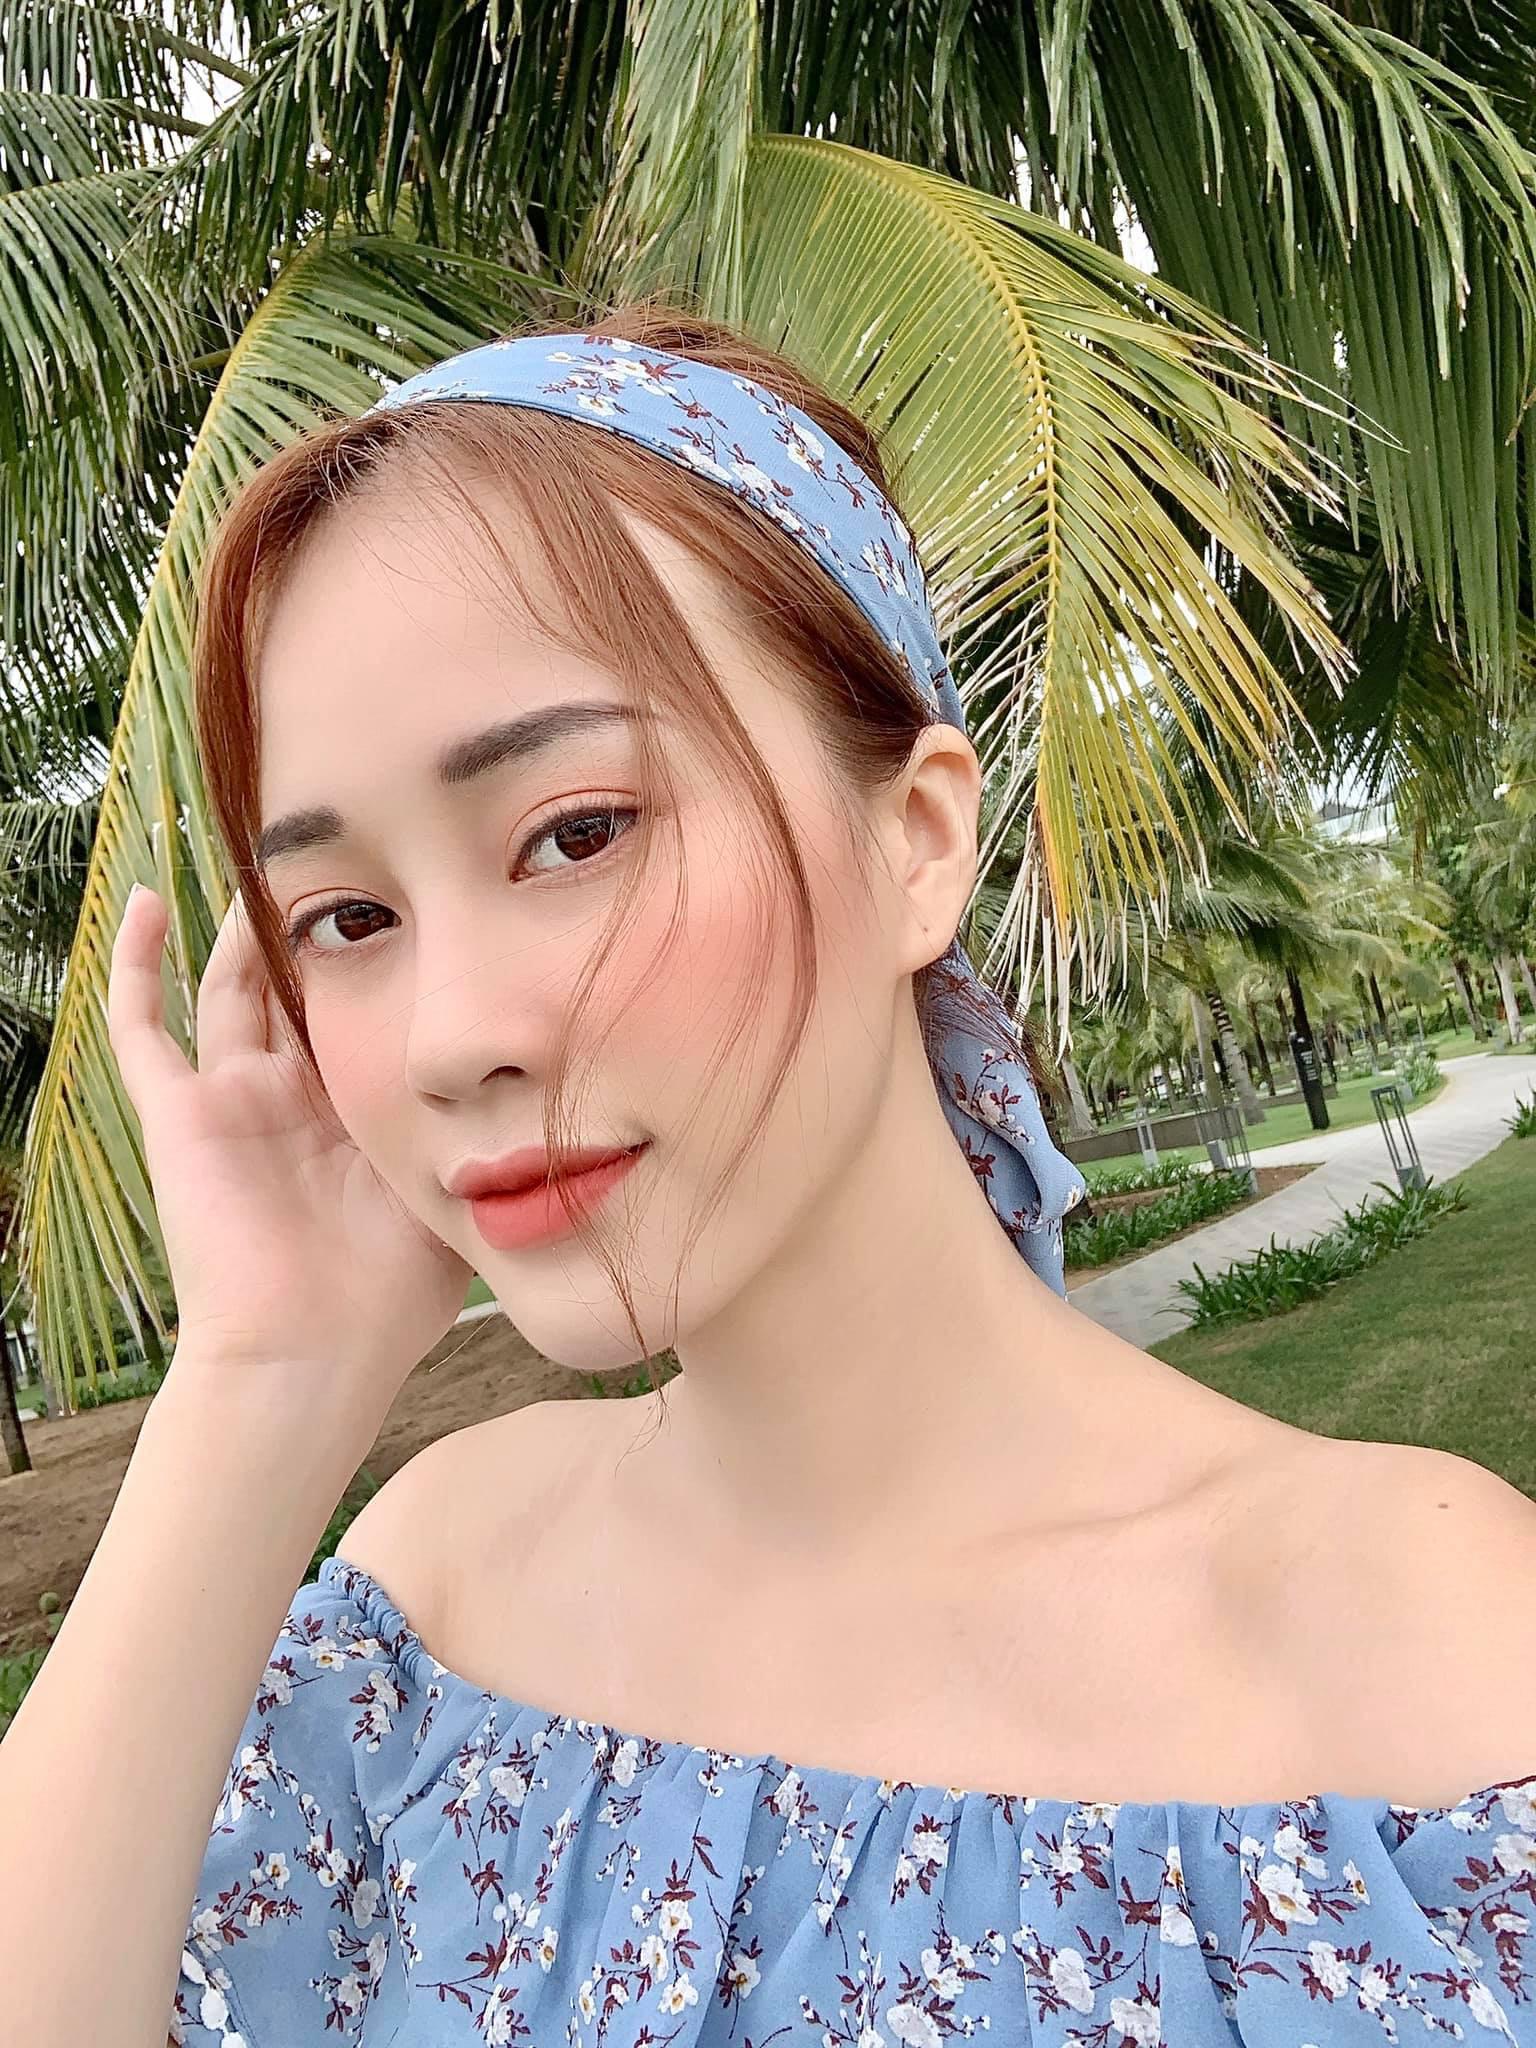 Nữ MC VTV xinh đẹp tựa nữ thần bỗng nhiên là thí sinh Hoa hậu Việt Nam 2020 vì lý do không ngờ là ai? - Ảnh 11.